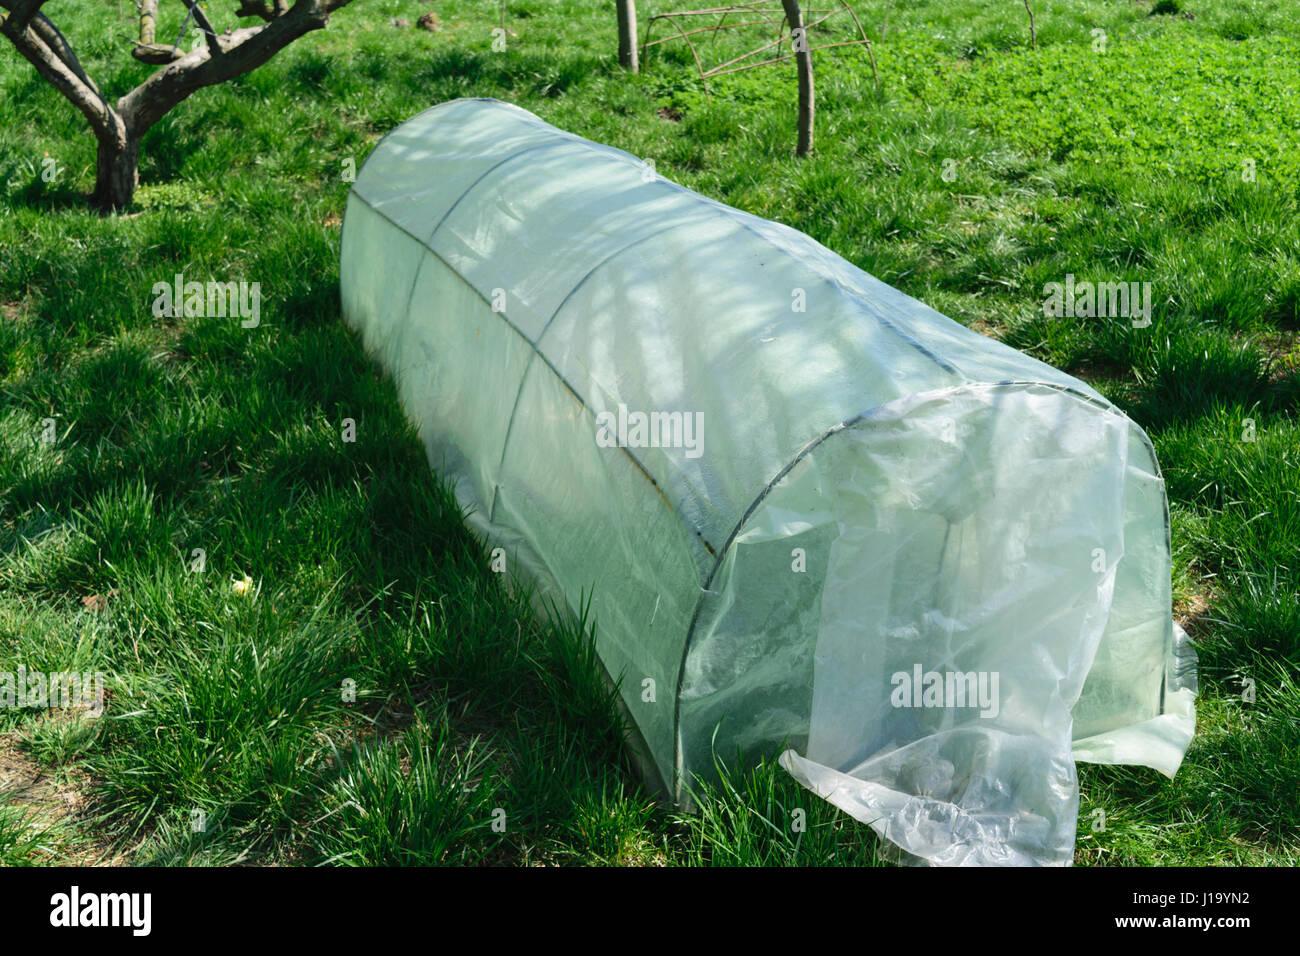 Kleines Gewachshaus Diy Landschaft Stockfoto Bild 138516926 Alamy